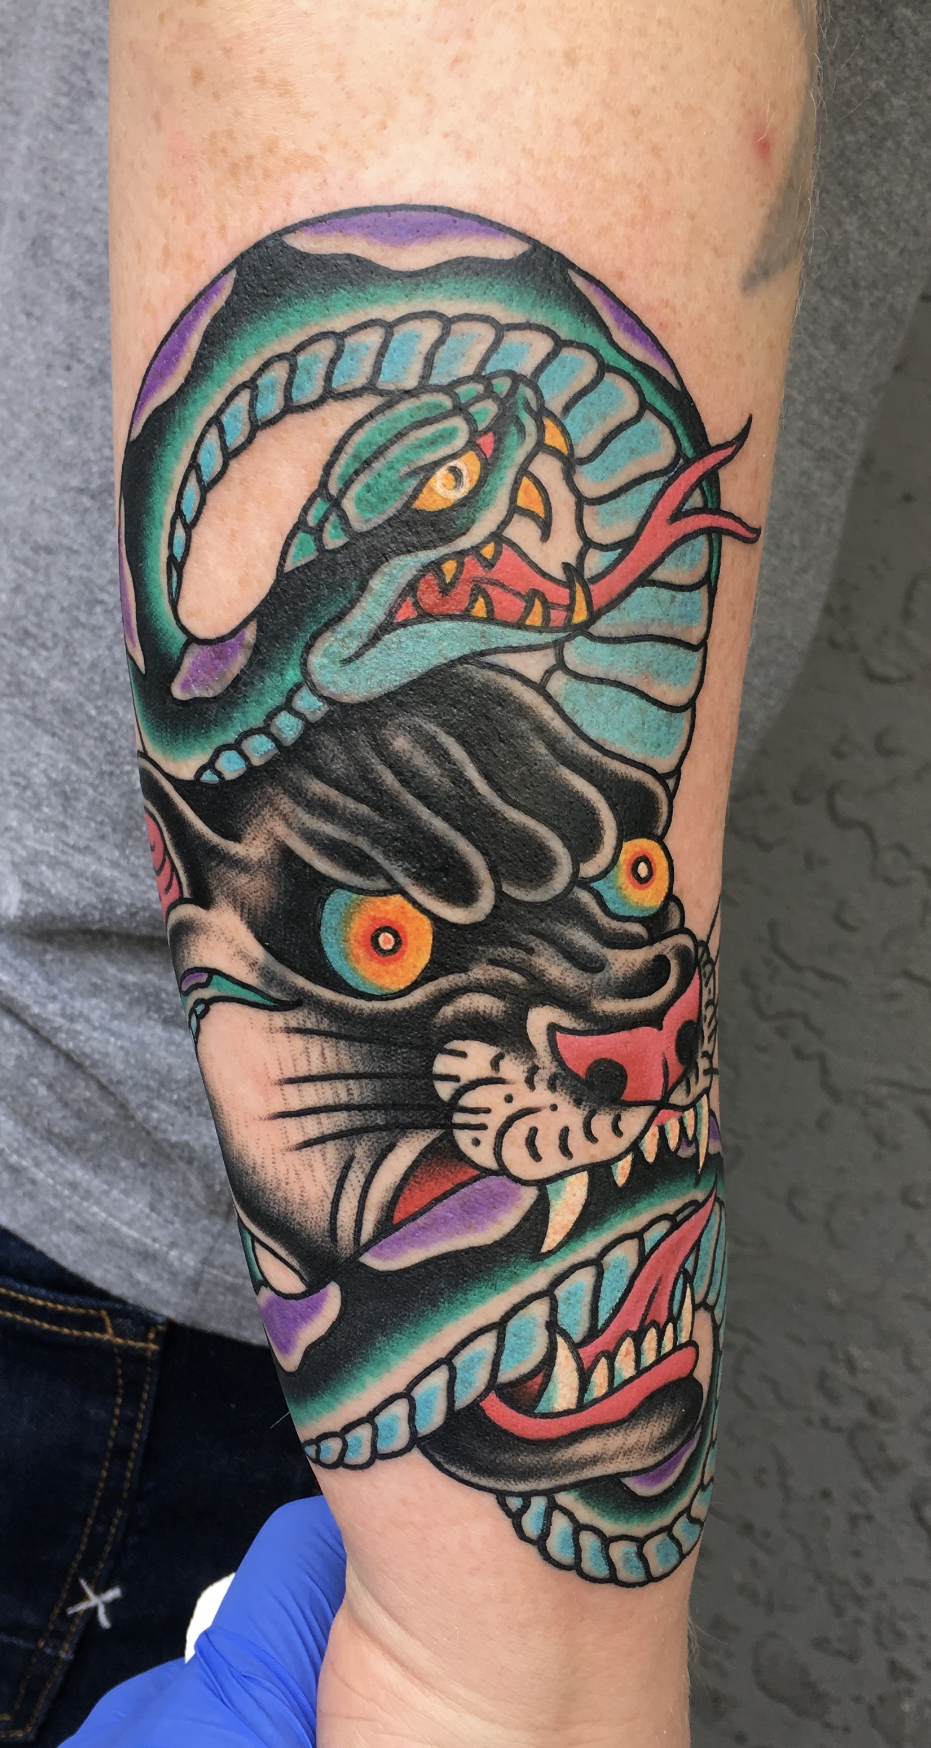 Chris David Tattoo 2019 Okanagan Tattoo Show & Brewfest Artist